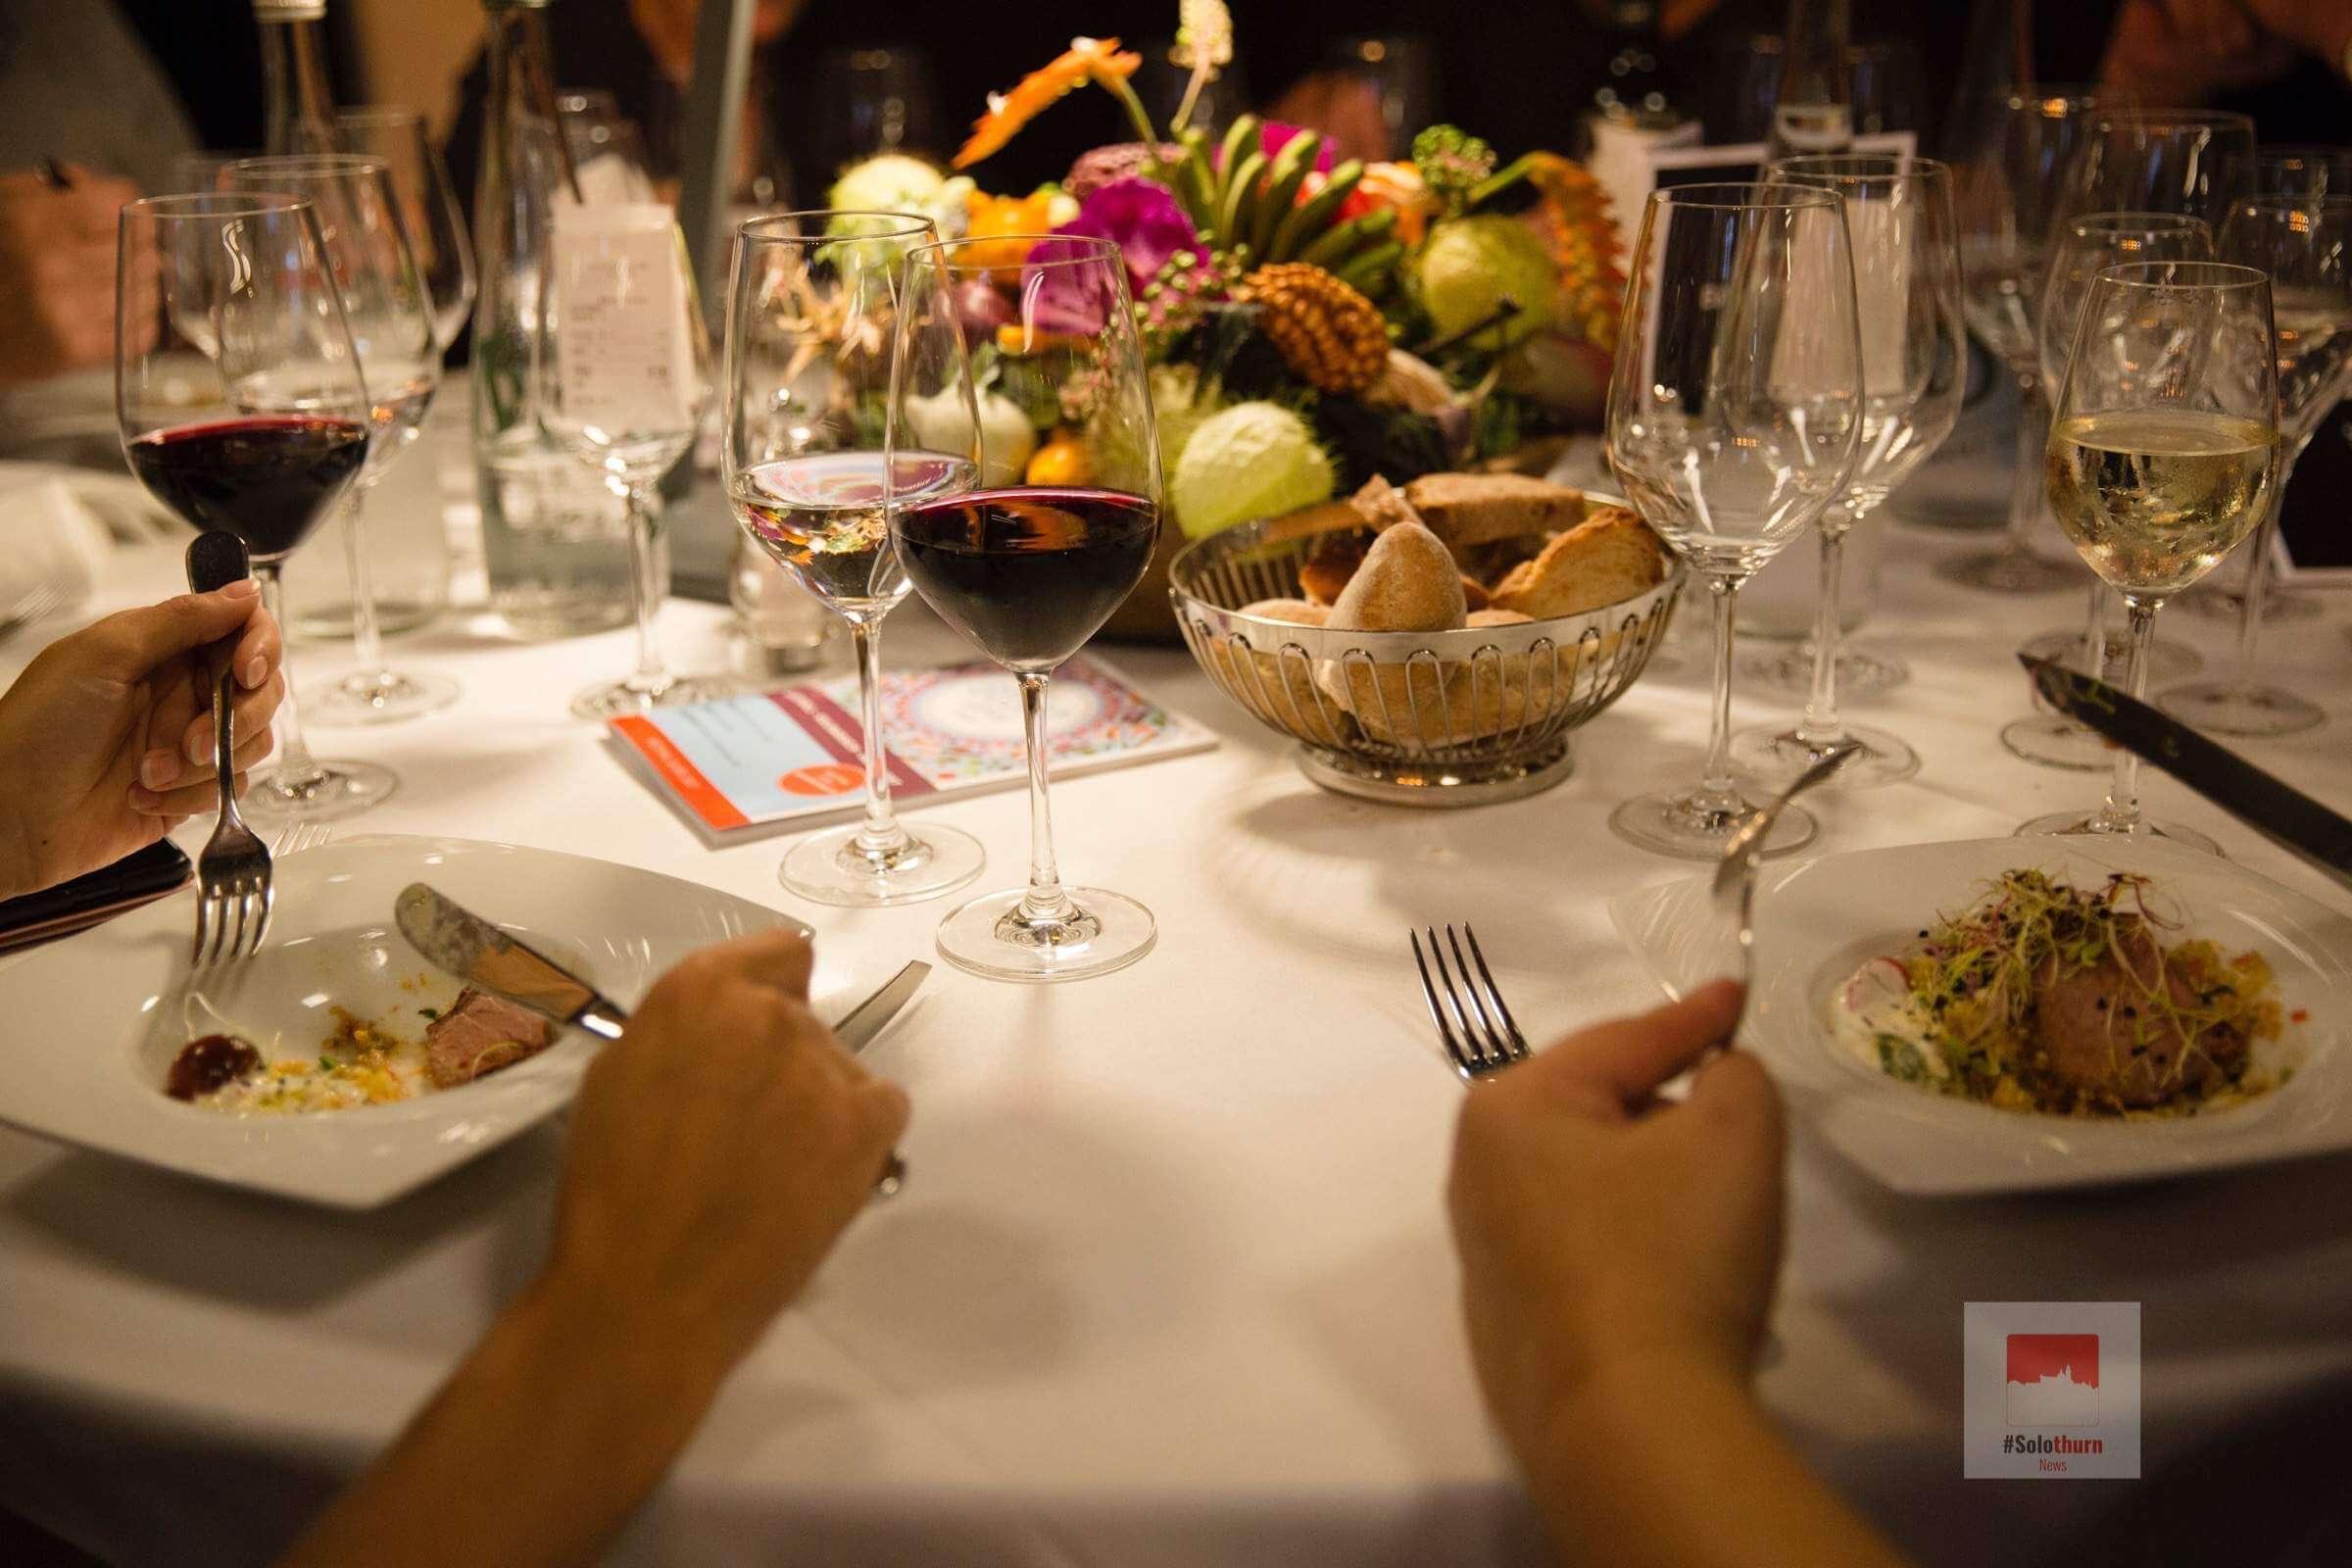 Unsere stimmigen Tische - Bildquelle Miriam Ritler